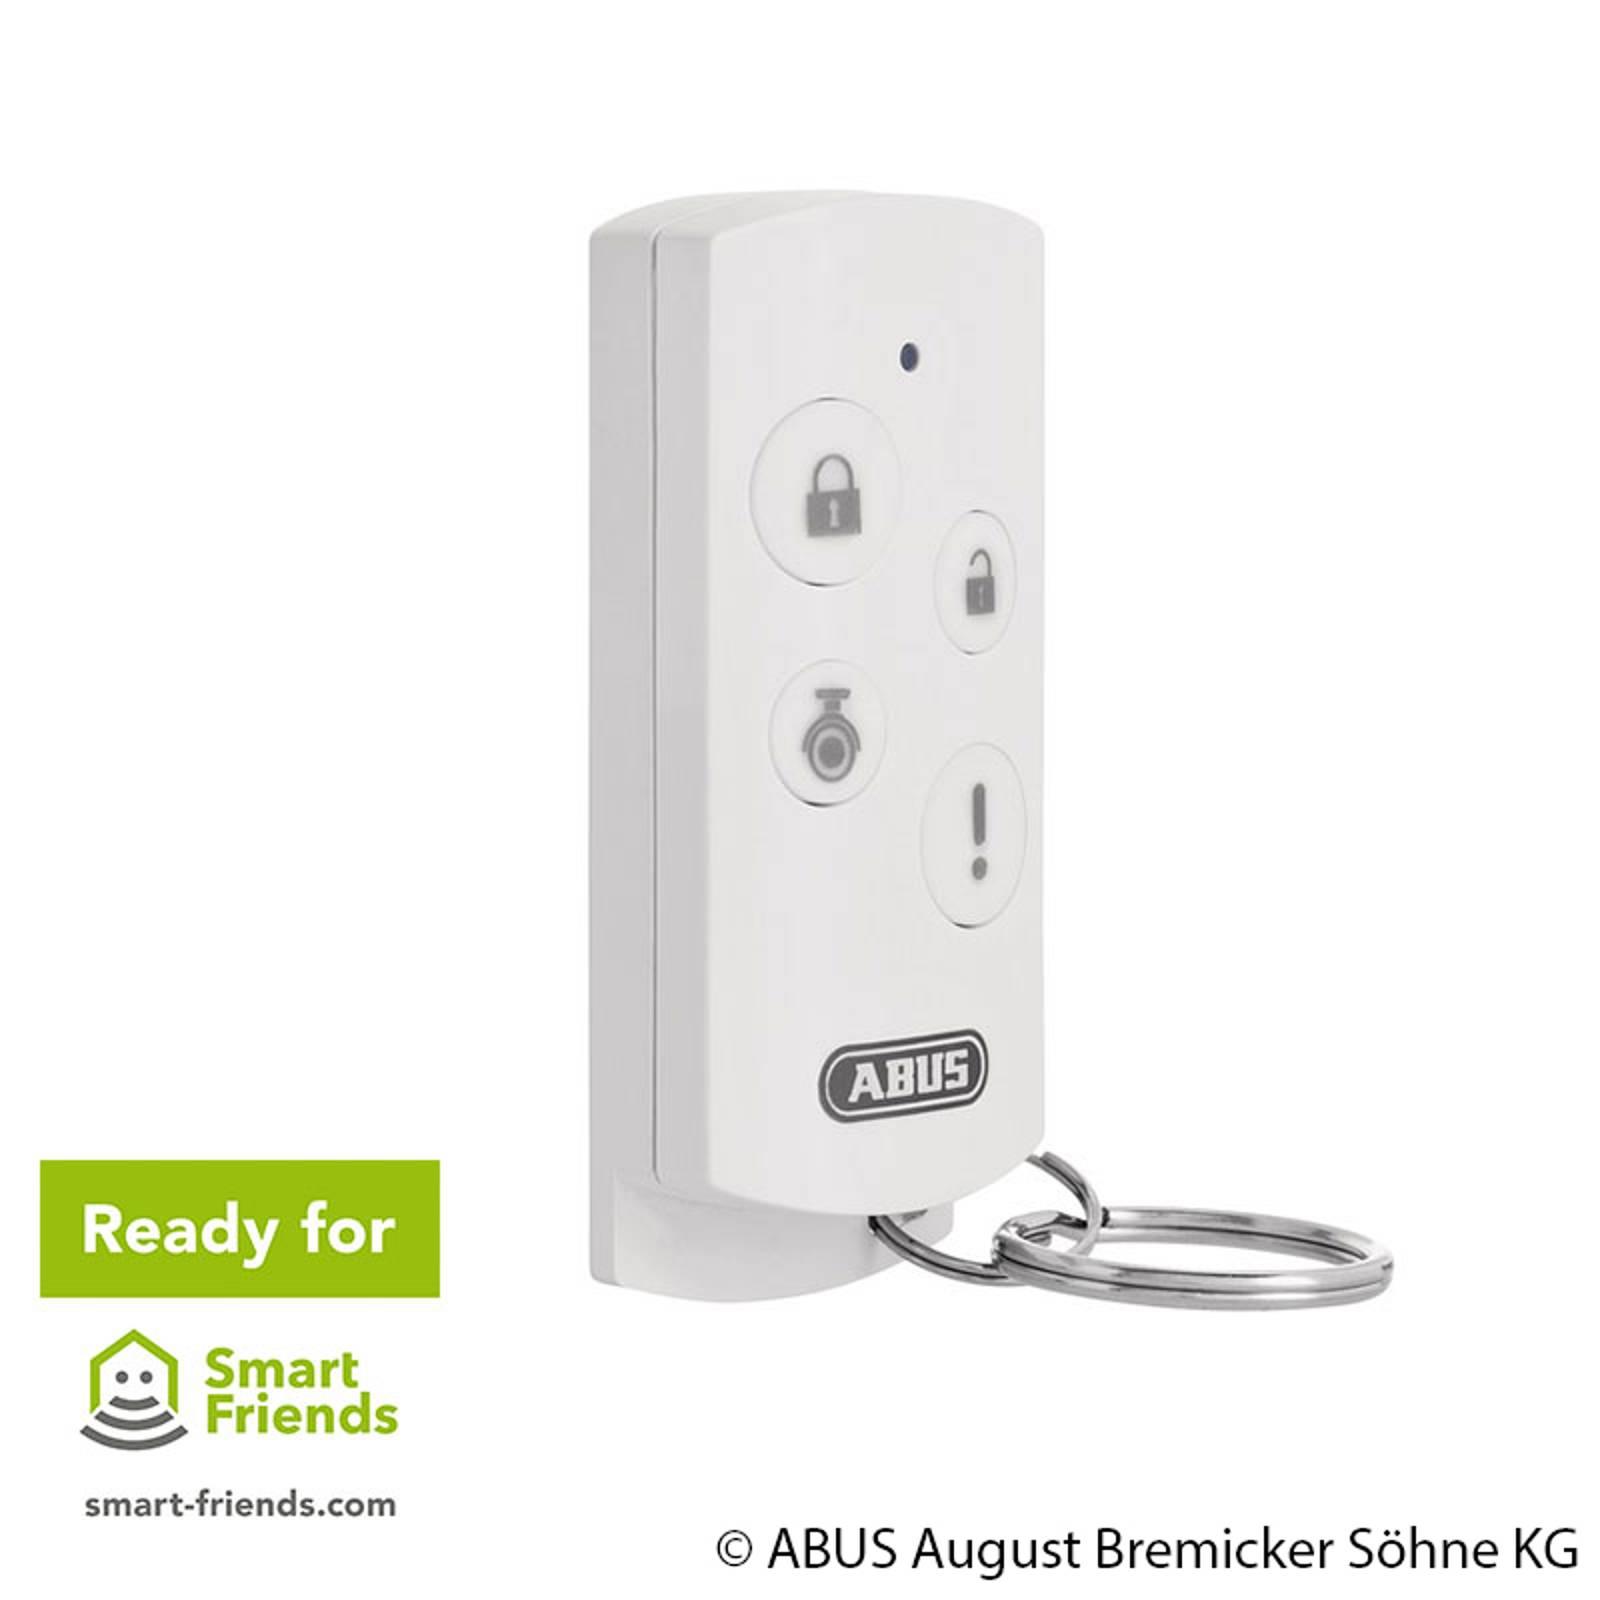 ABUS Smartvest trådlös fjärrkontroll